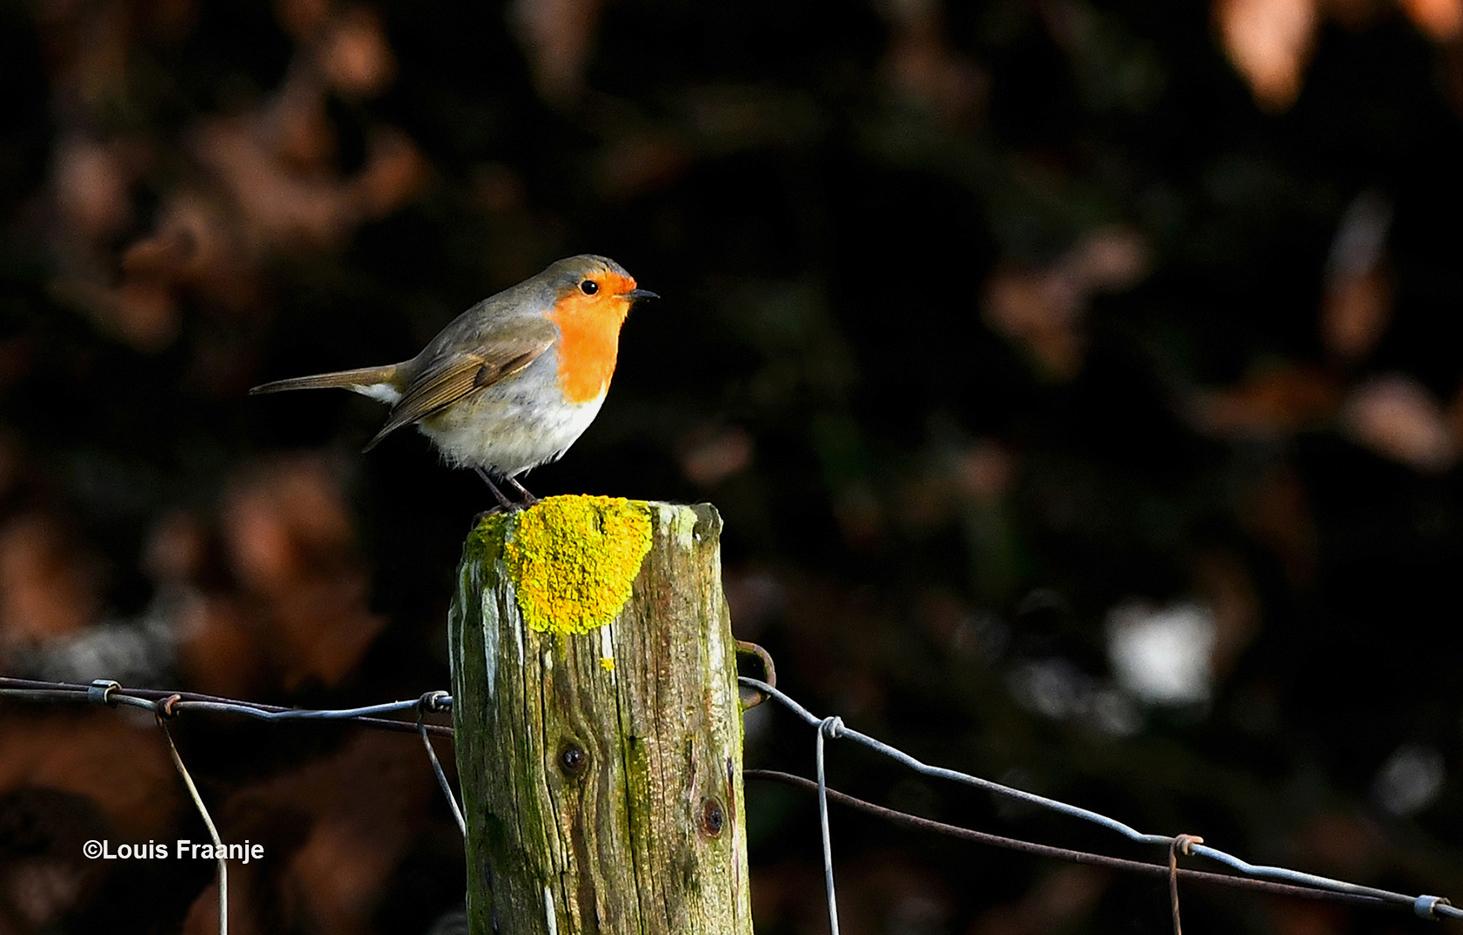 Een roodborstje poseert eventjes op een heiningpaal voor de fotograaf - Foto: ©Louis Fraanje